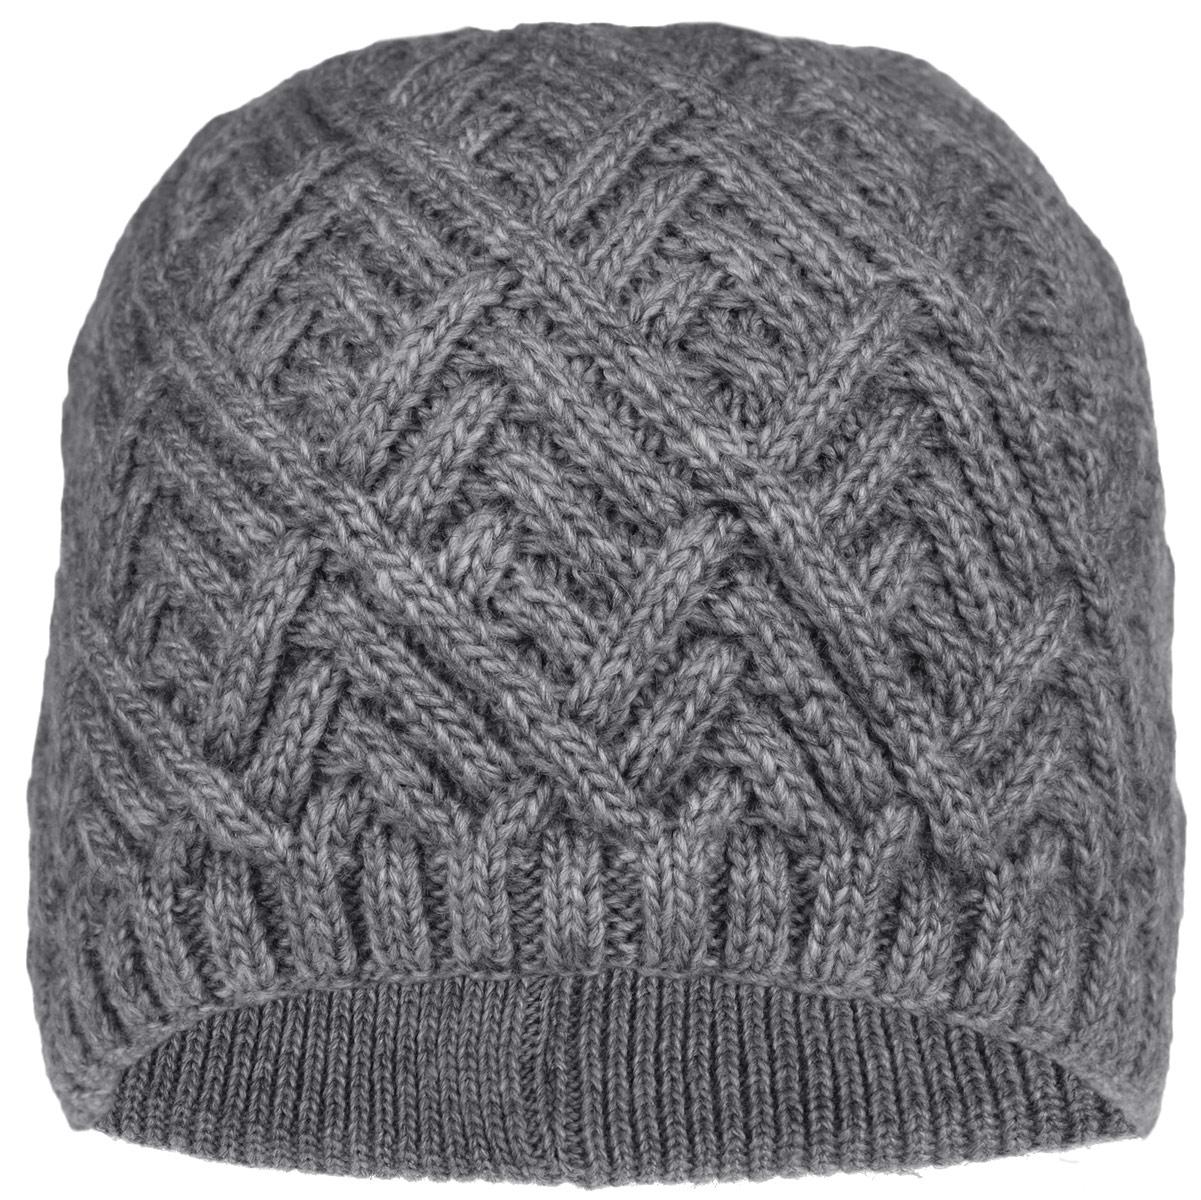 Шапка женская. 3-0183-018_001Стильная женская шапка Flioraj с фактурной вязкой дополнит ваш образ в холодную погоду. Модель выполнена из высококачественной шерсти в сочетании с акрилом, мягкая и приятная на ощупь. Шапочка двойная, идеально прилегает к голове, надежно защищая от ветра и мороза. Край шапки связан резинкой средней ширины. Изделие оформлено декоративным вязаным узором. Такой теплый аксессуар подчеркнет вашу женственность и неповторимость, а также защитит от холода и создаст ощущение комфорта. Уважаемые клиенты! Размер, доступный для заказа, является обхватом головы.